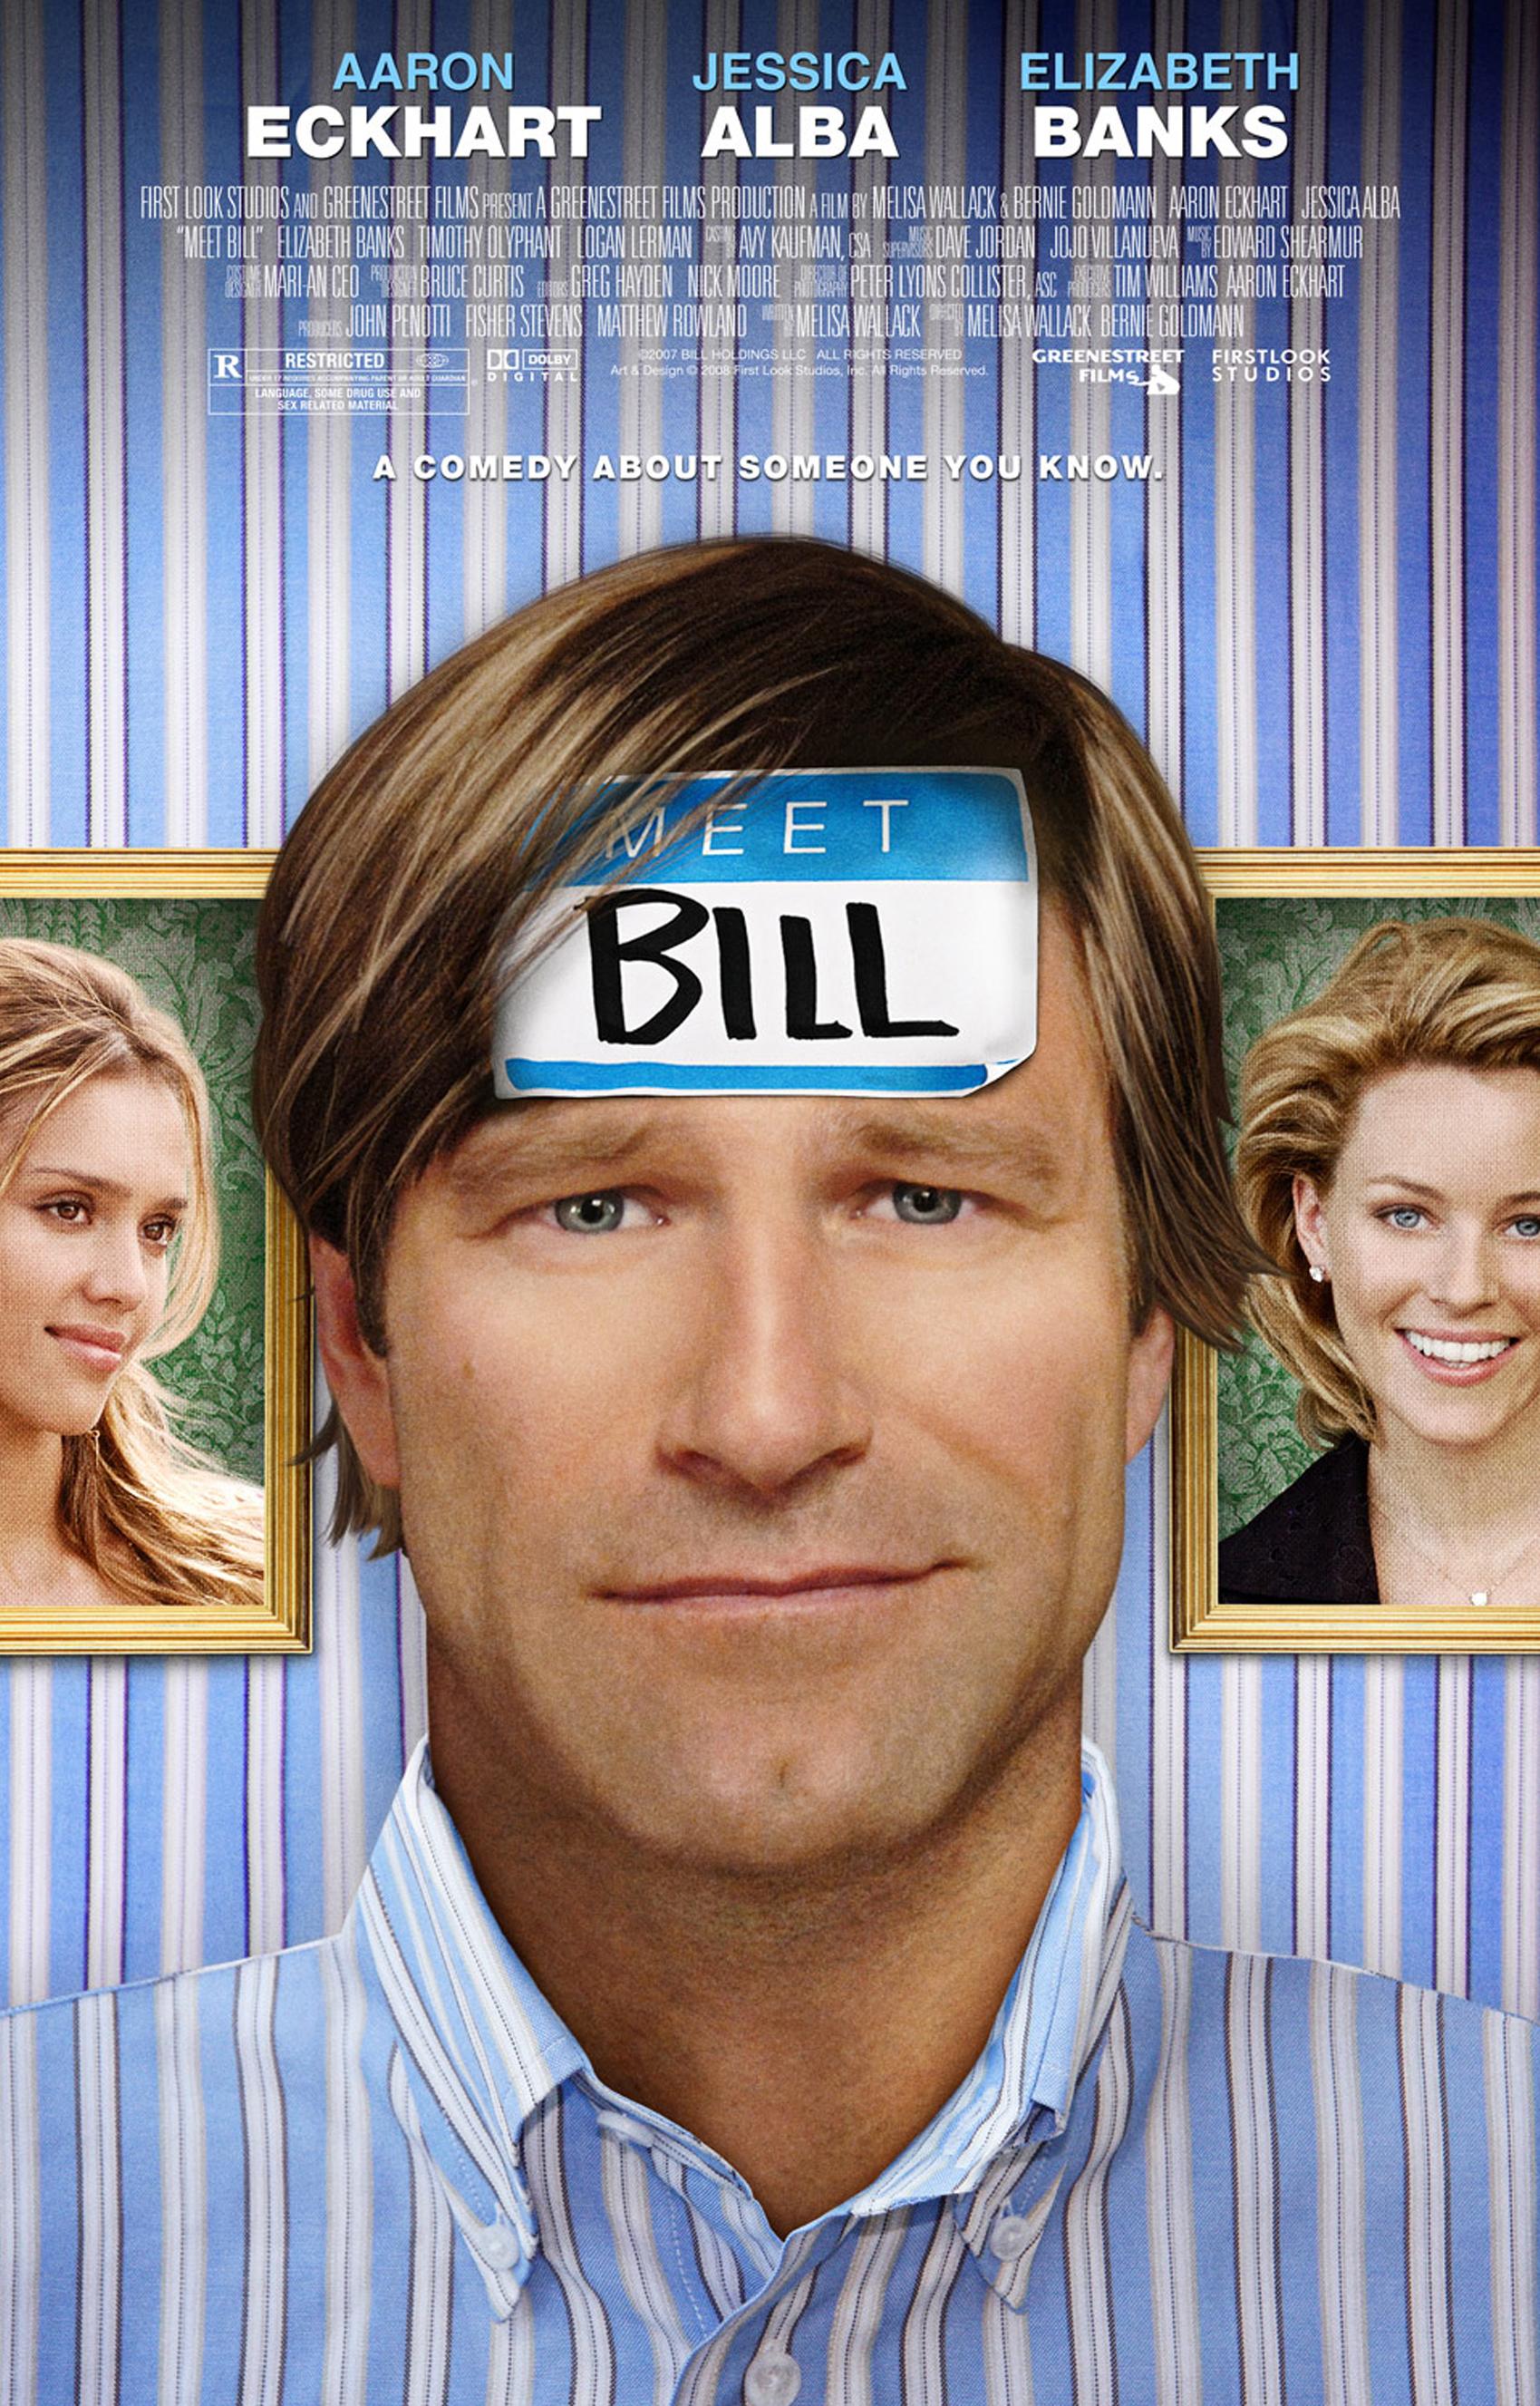 Meet Bill Poster.jpg